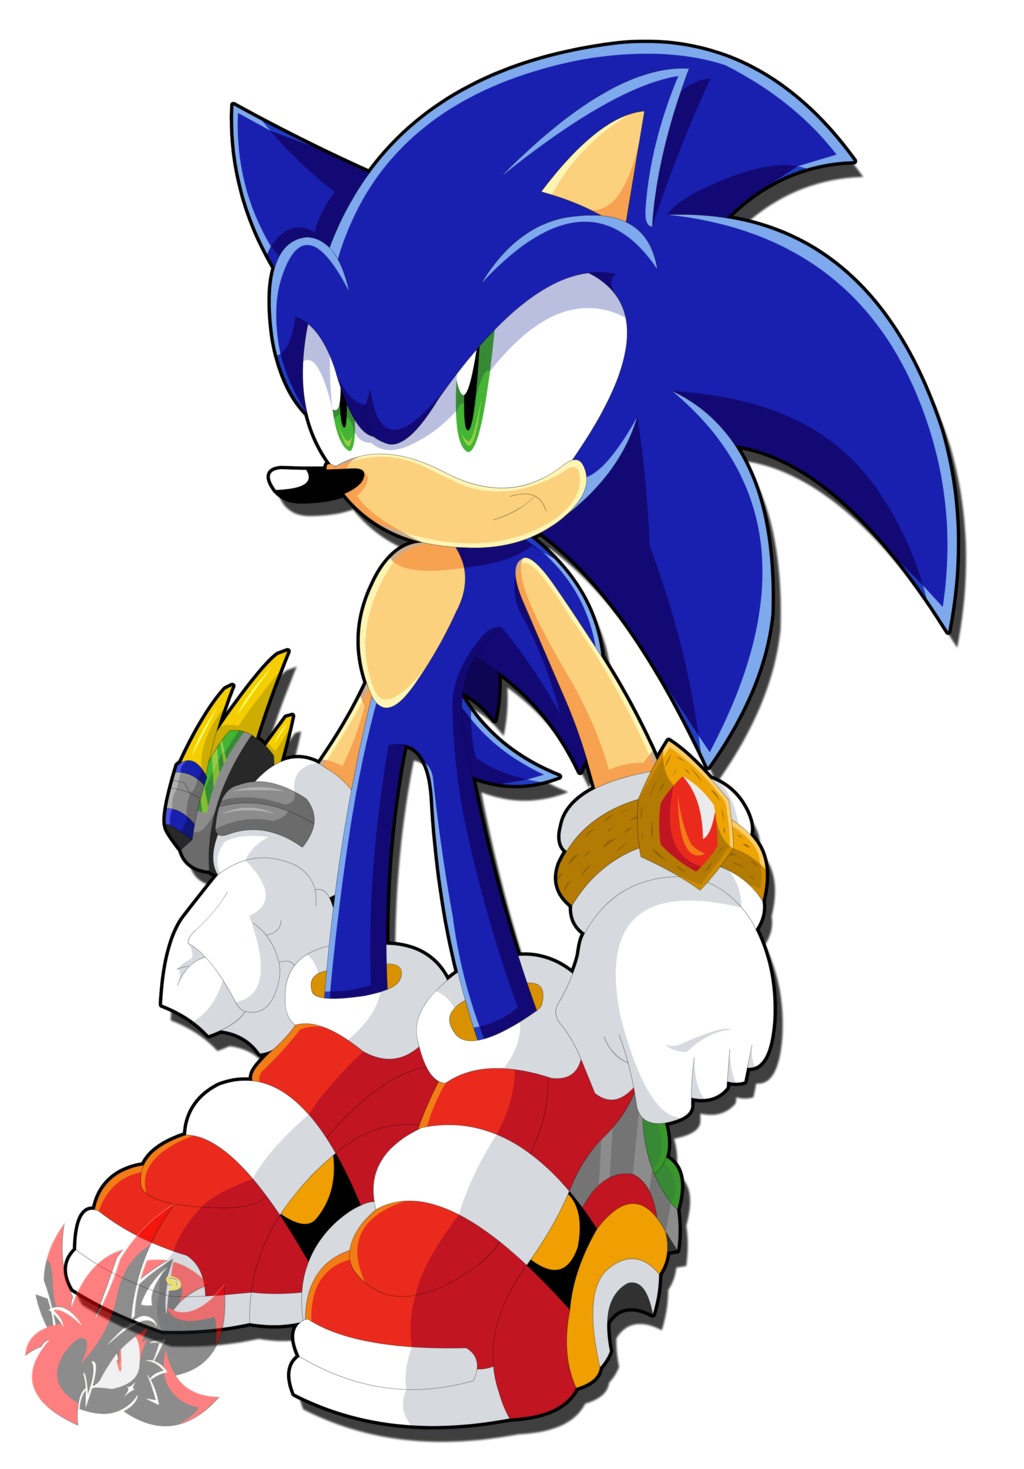 Imagenes De Sonic Hedgehog